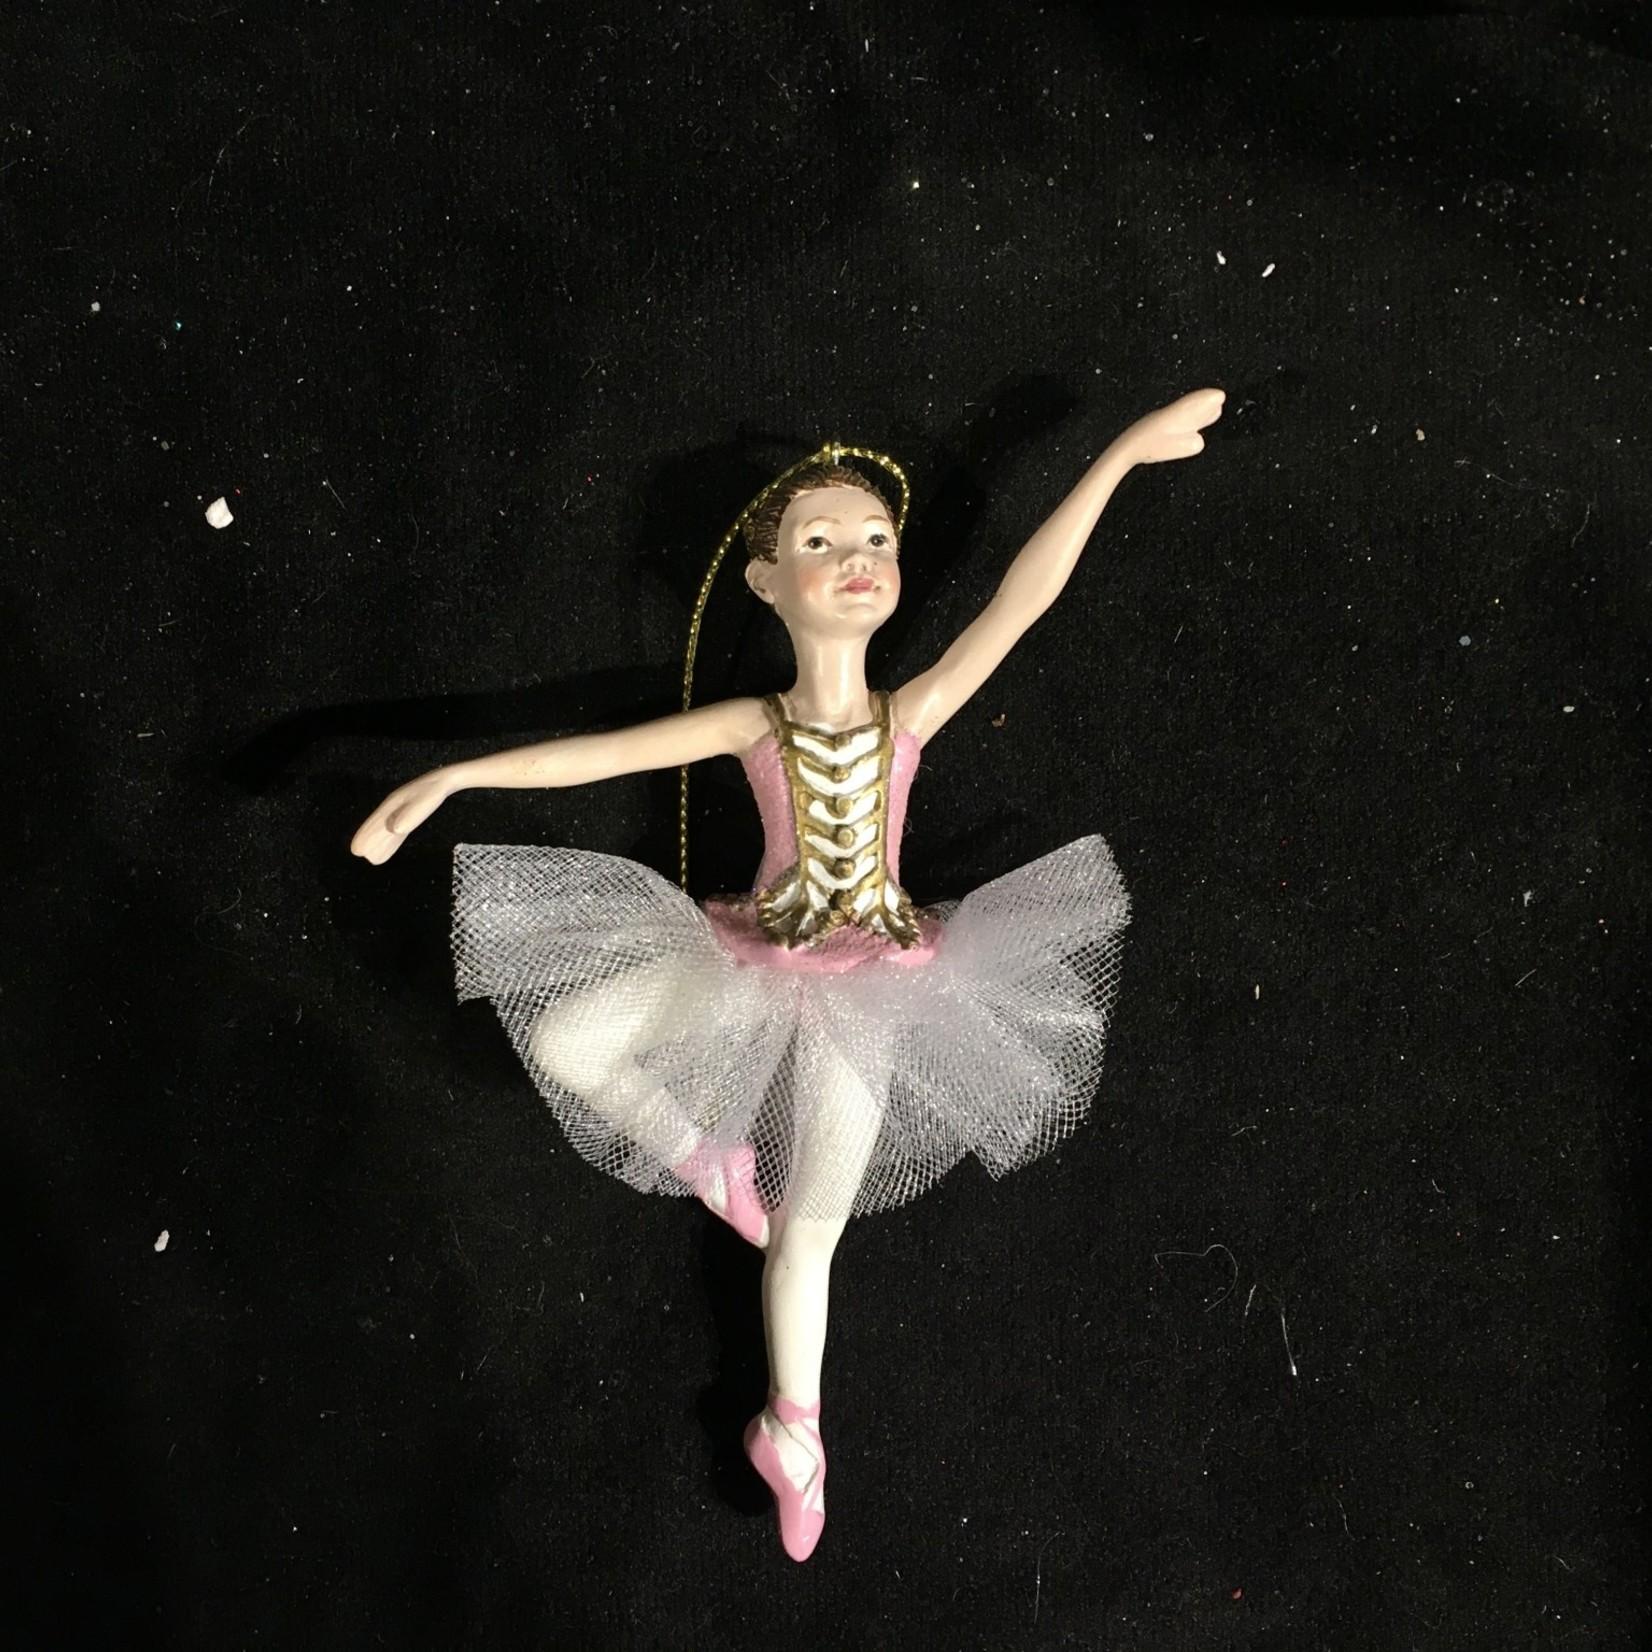 **Ballerina 2A